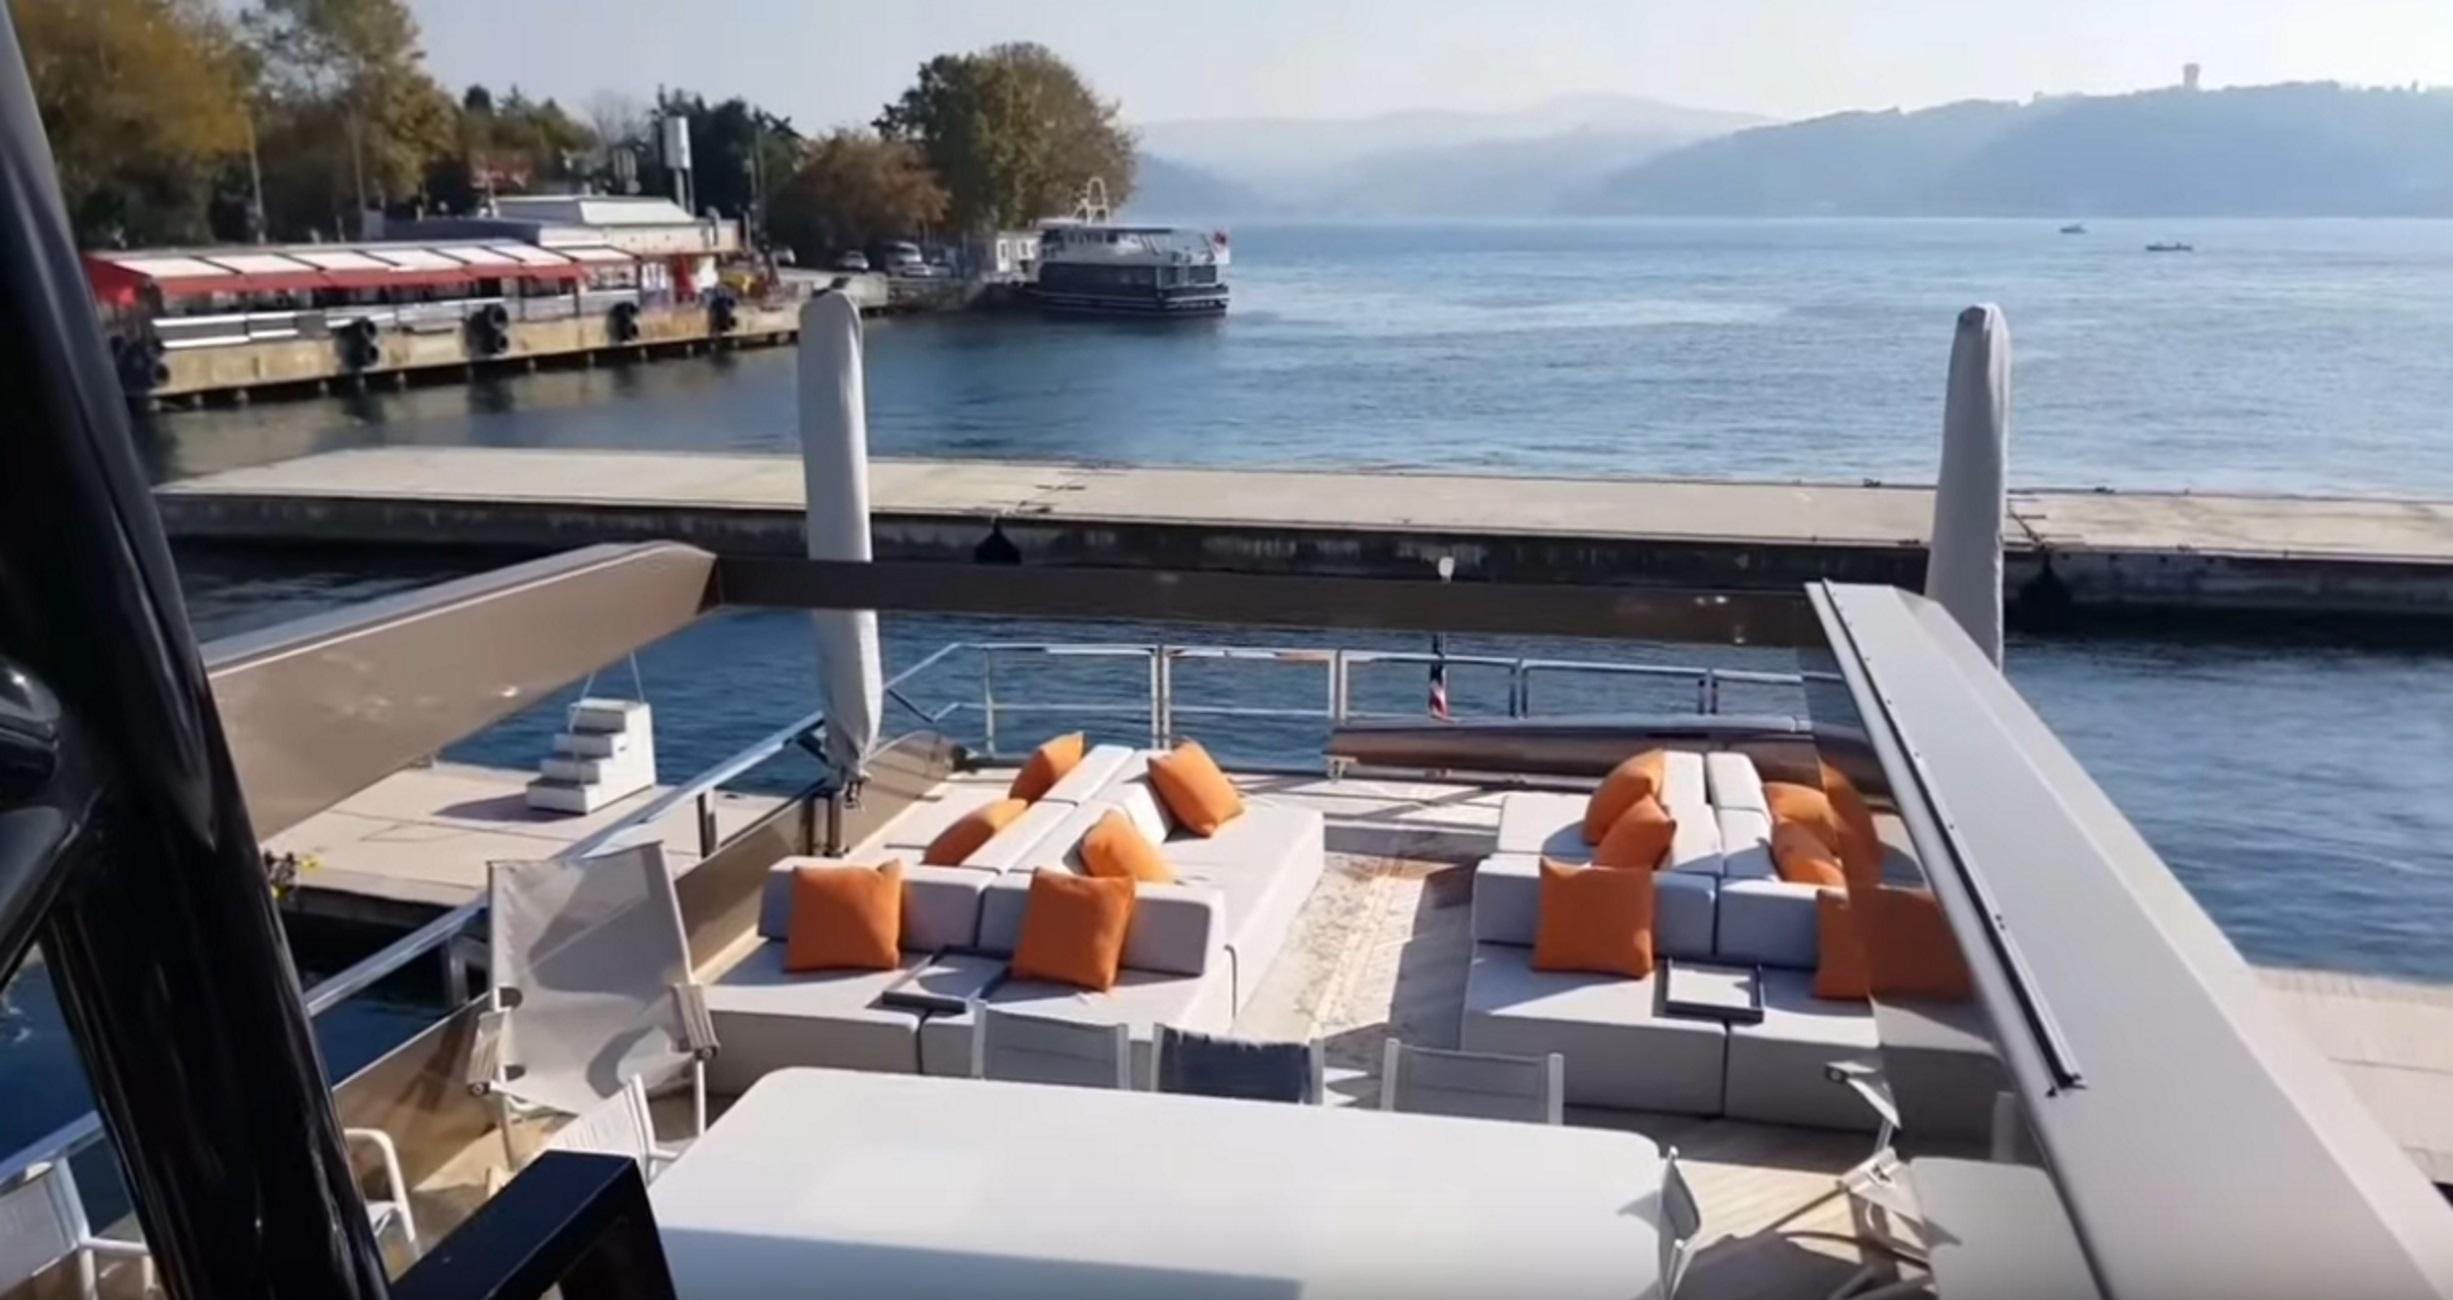 Χανιά: Μπαίνουμε μέσα σε μια από τις πιο σύγχρονες και ακριβές θαλαμηγούς του κόσμου (Βίντεο)